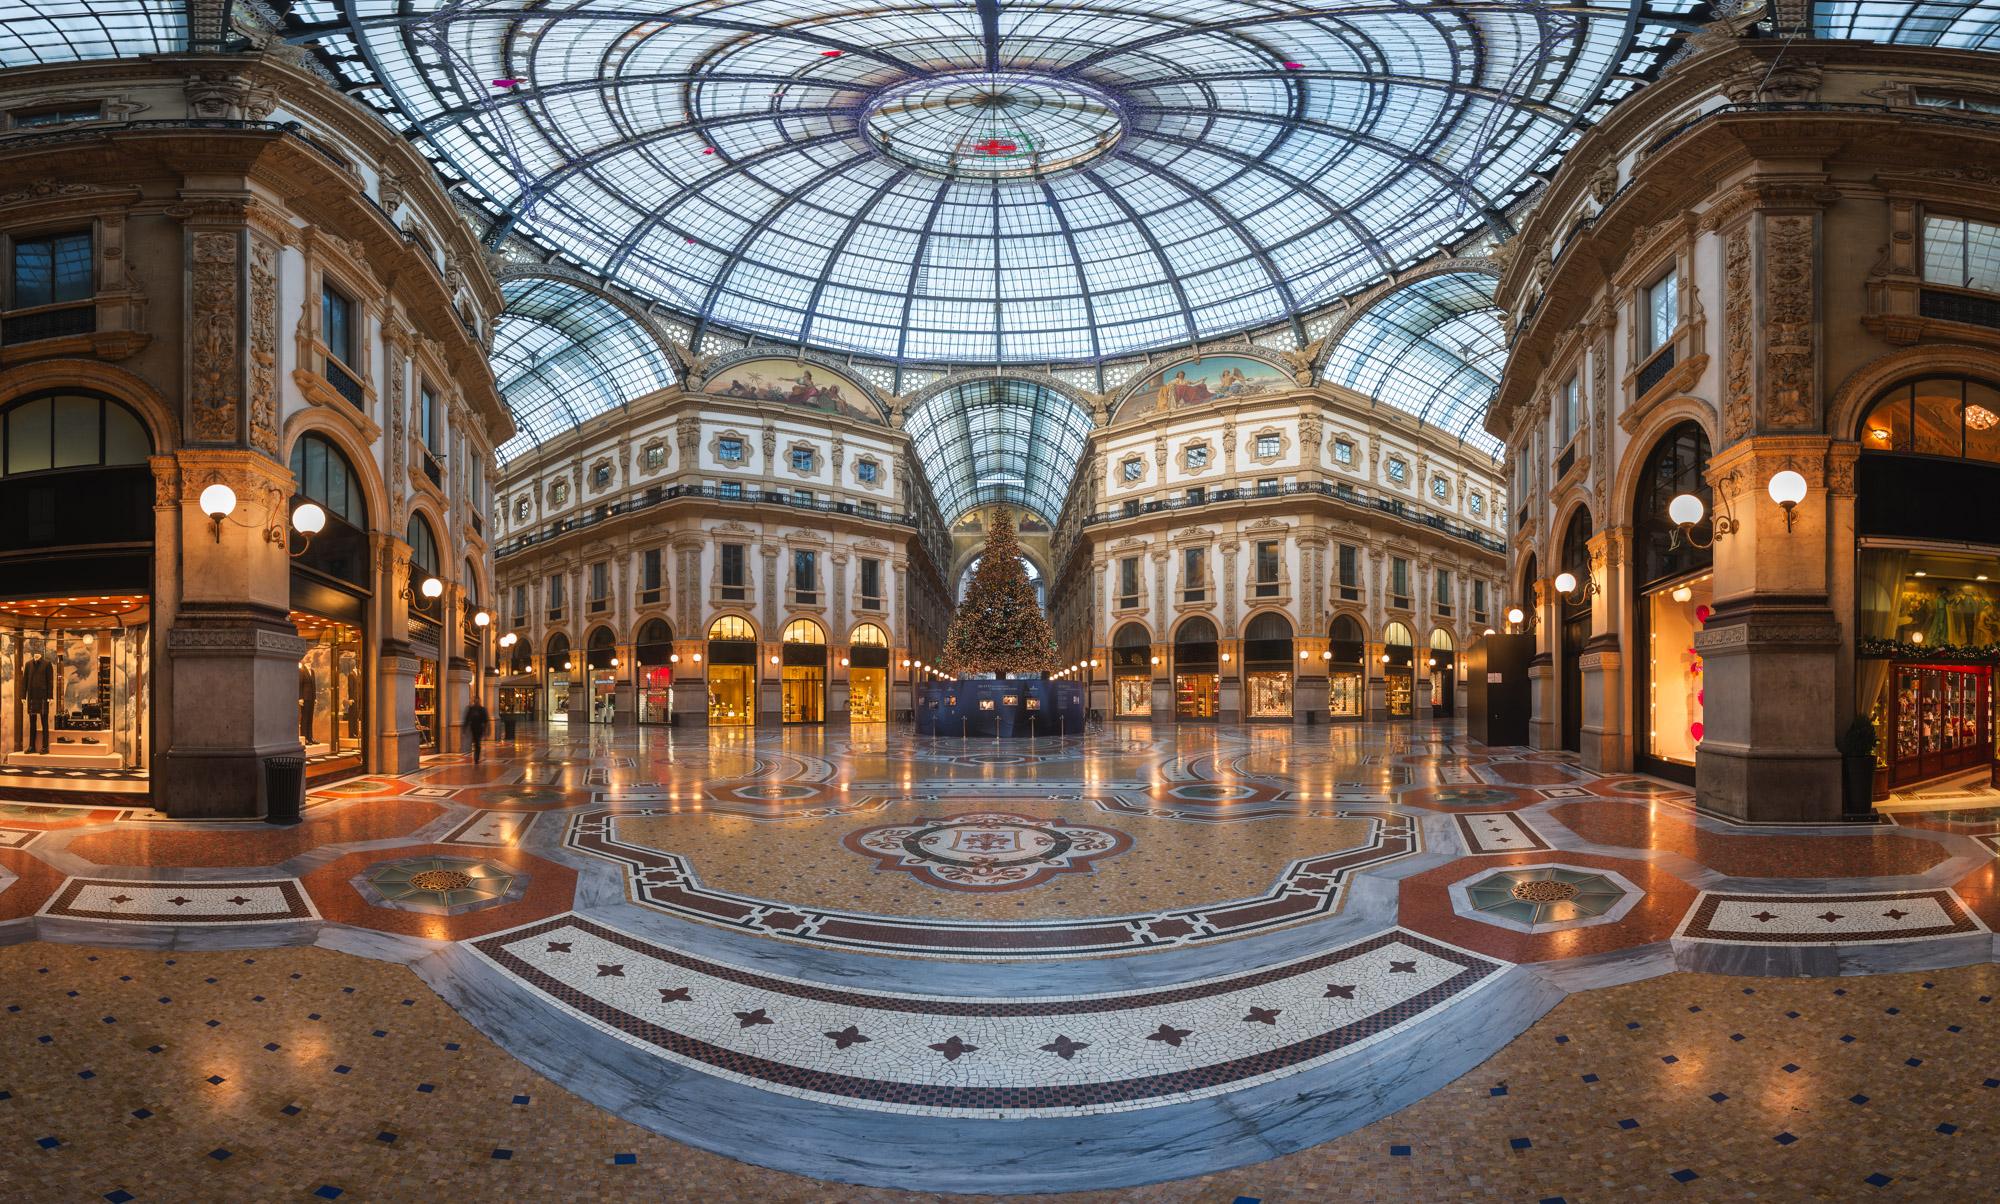 Panorama of Galleria Vittorio Emanuele II, Milan, Italy